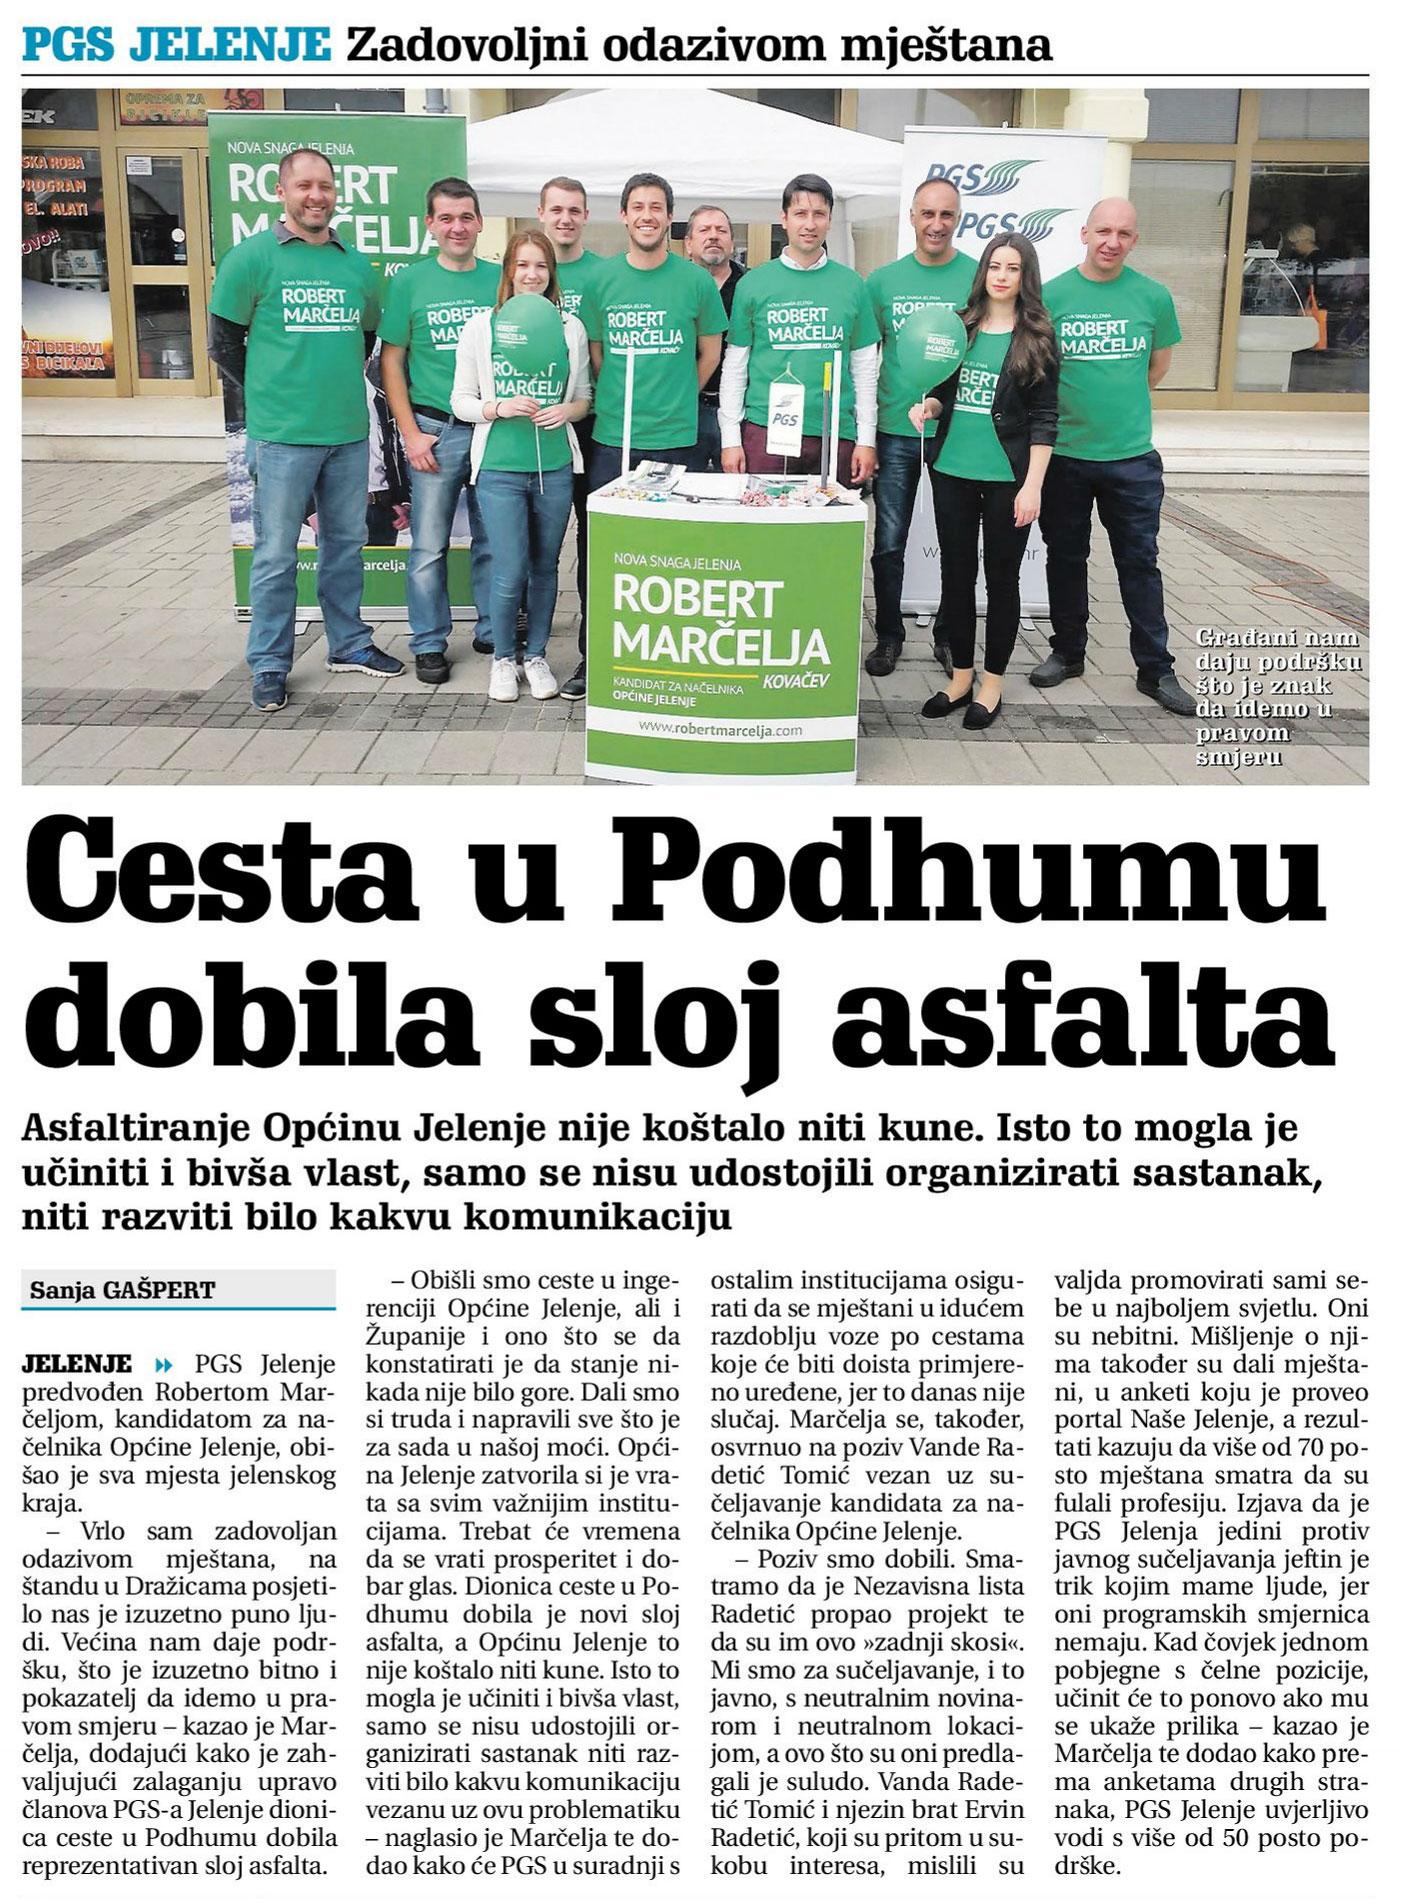 Novi list: PGS Jelenje - zadovoljni odazivom mještana